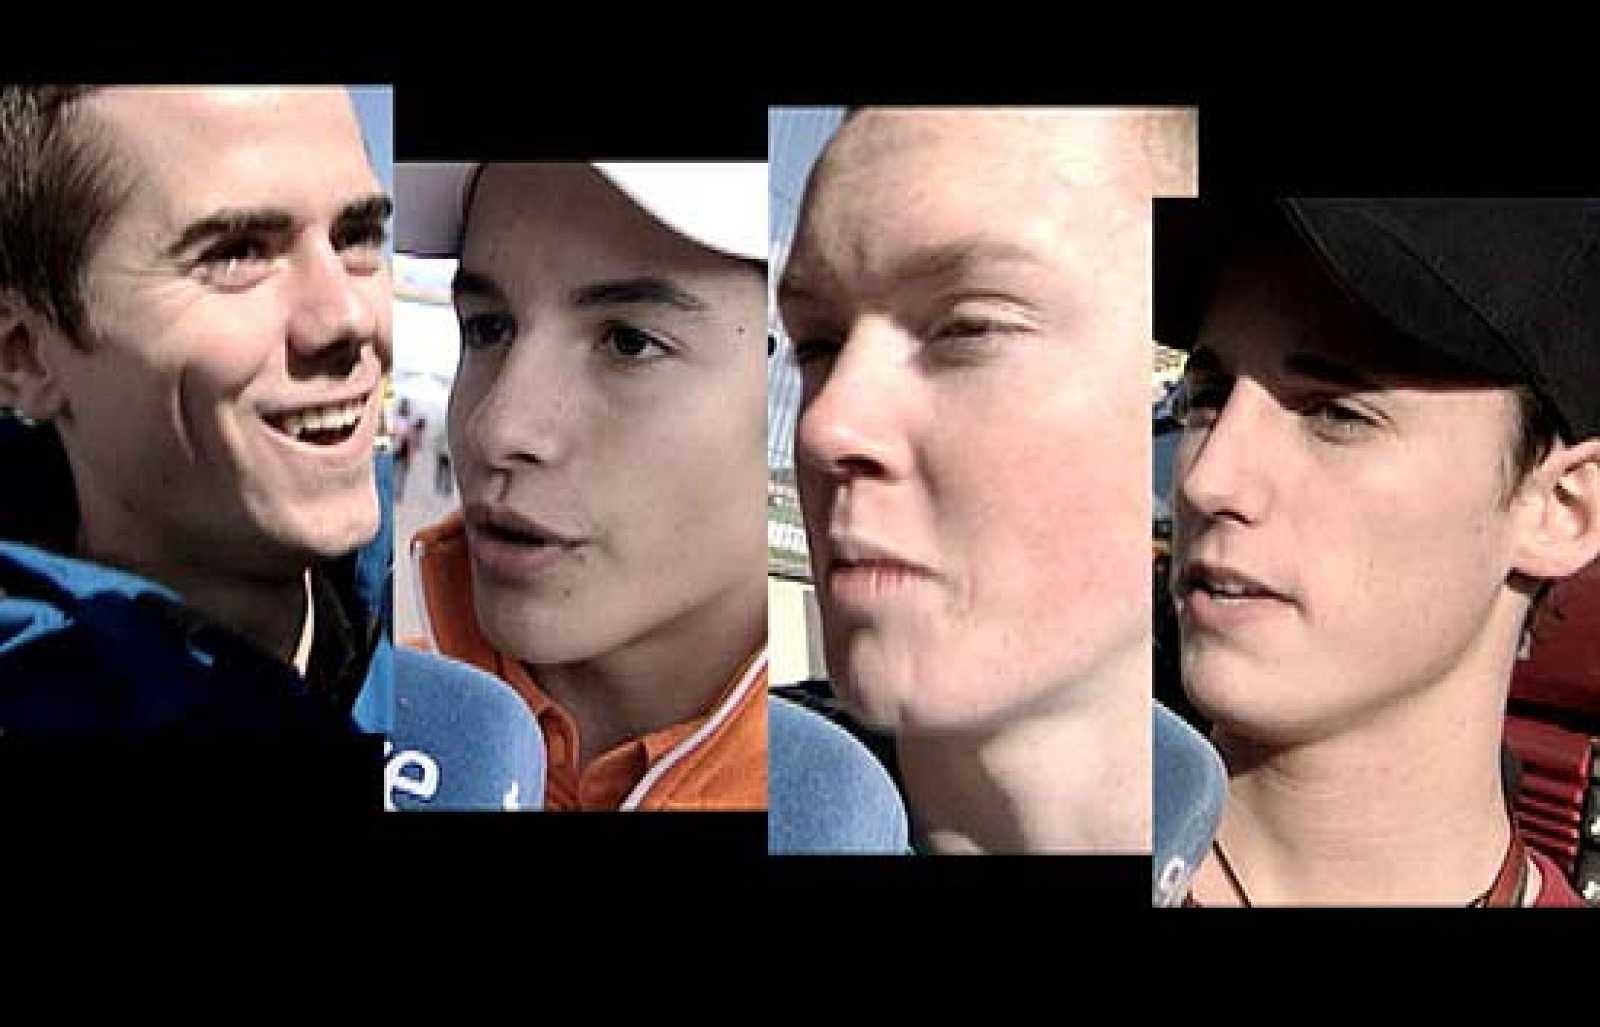 La próxima temporada de 125 cc promete ser apasionante. Cuatro jóvenes pilotos (Marc Márquez, Nico Terol, Bradley Smith y Pol Espargaró) aseguran un nivel muy alto.